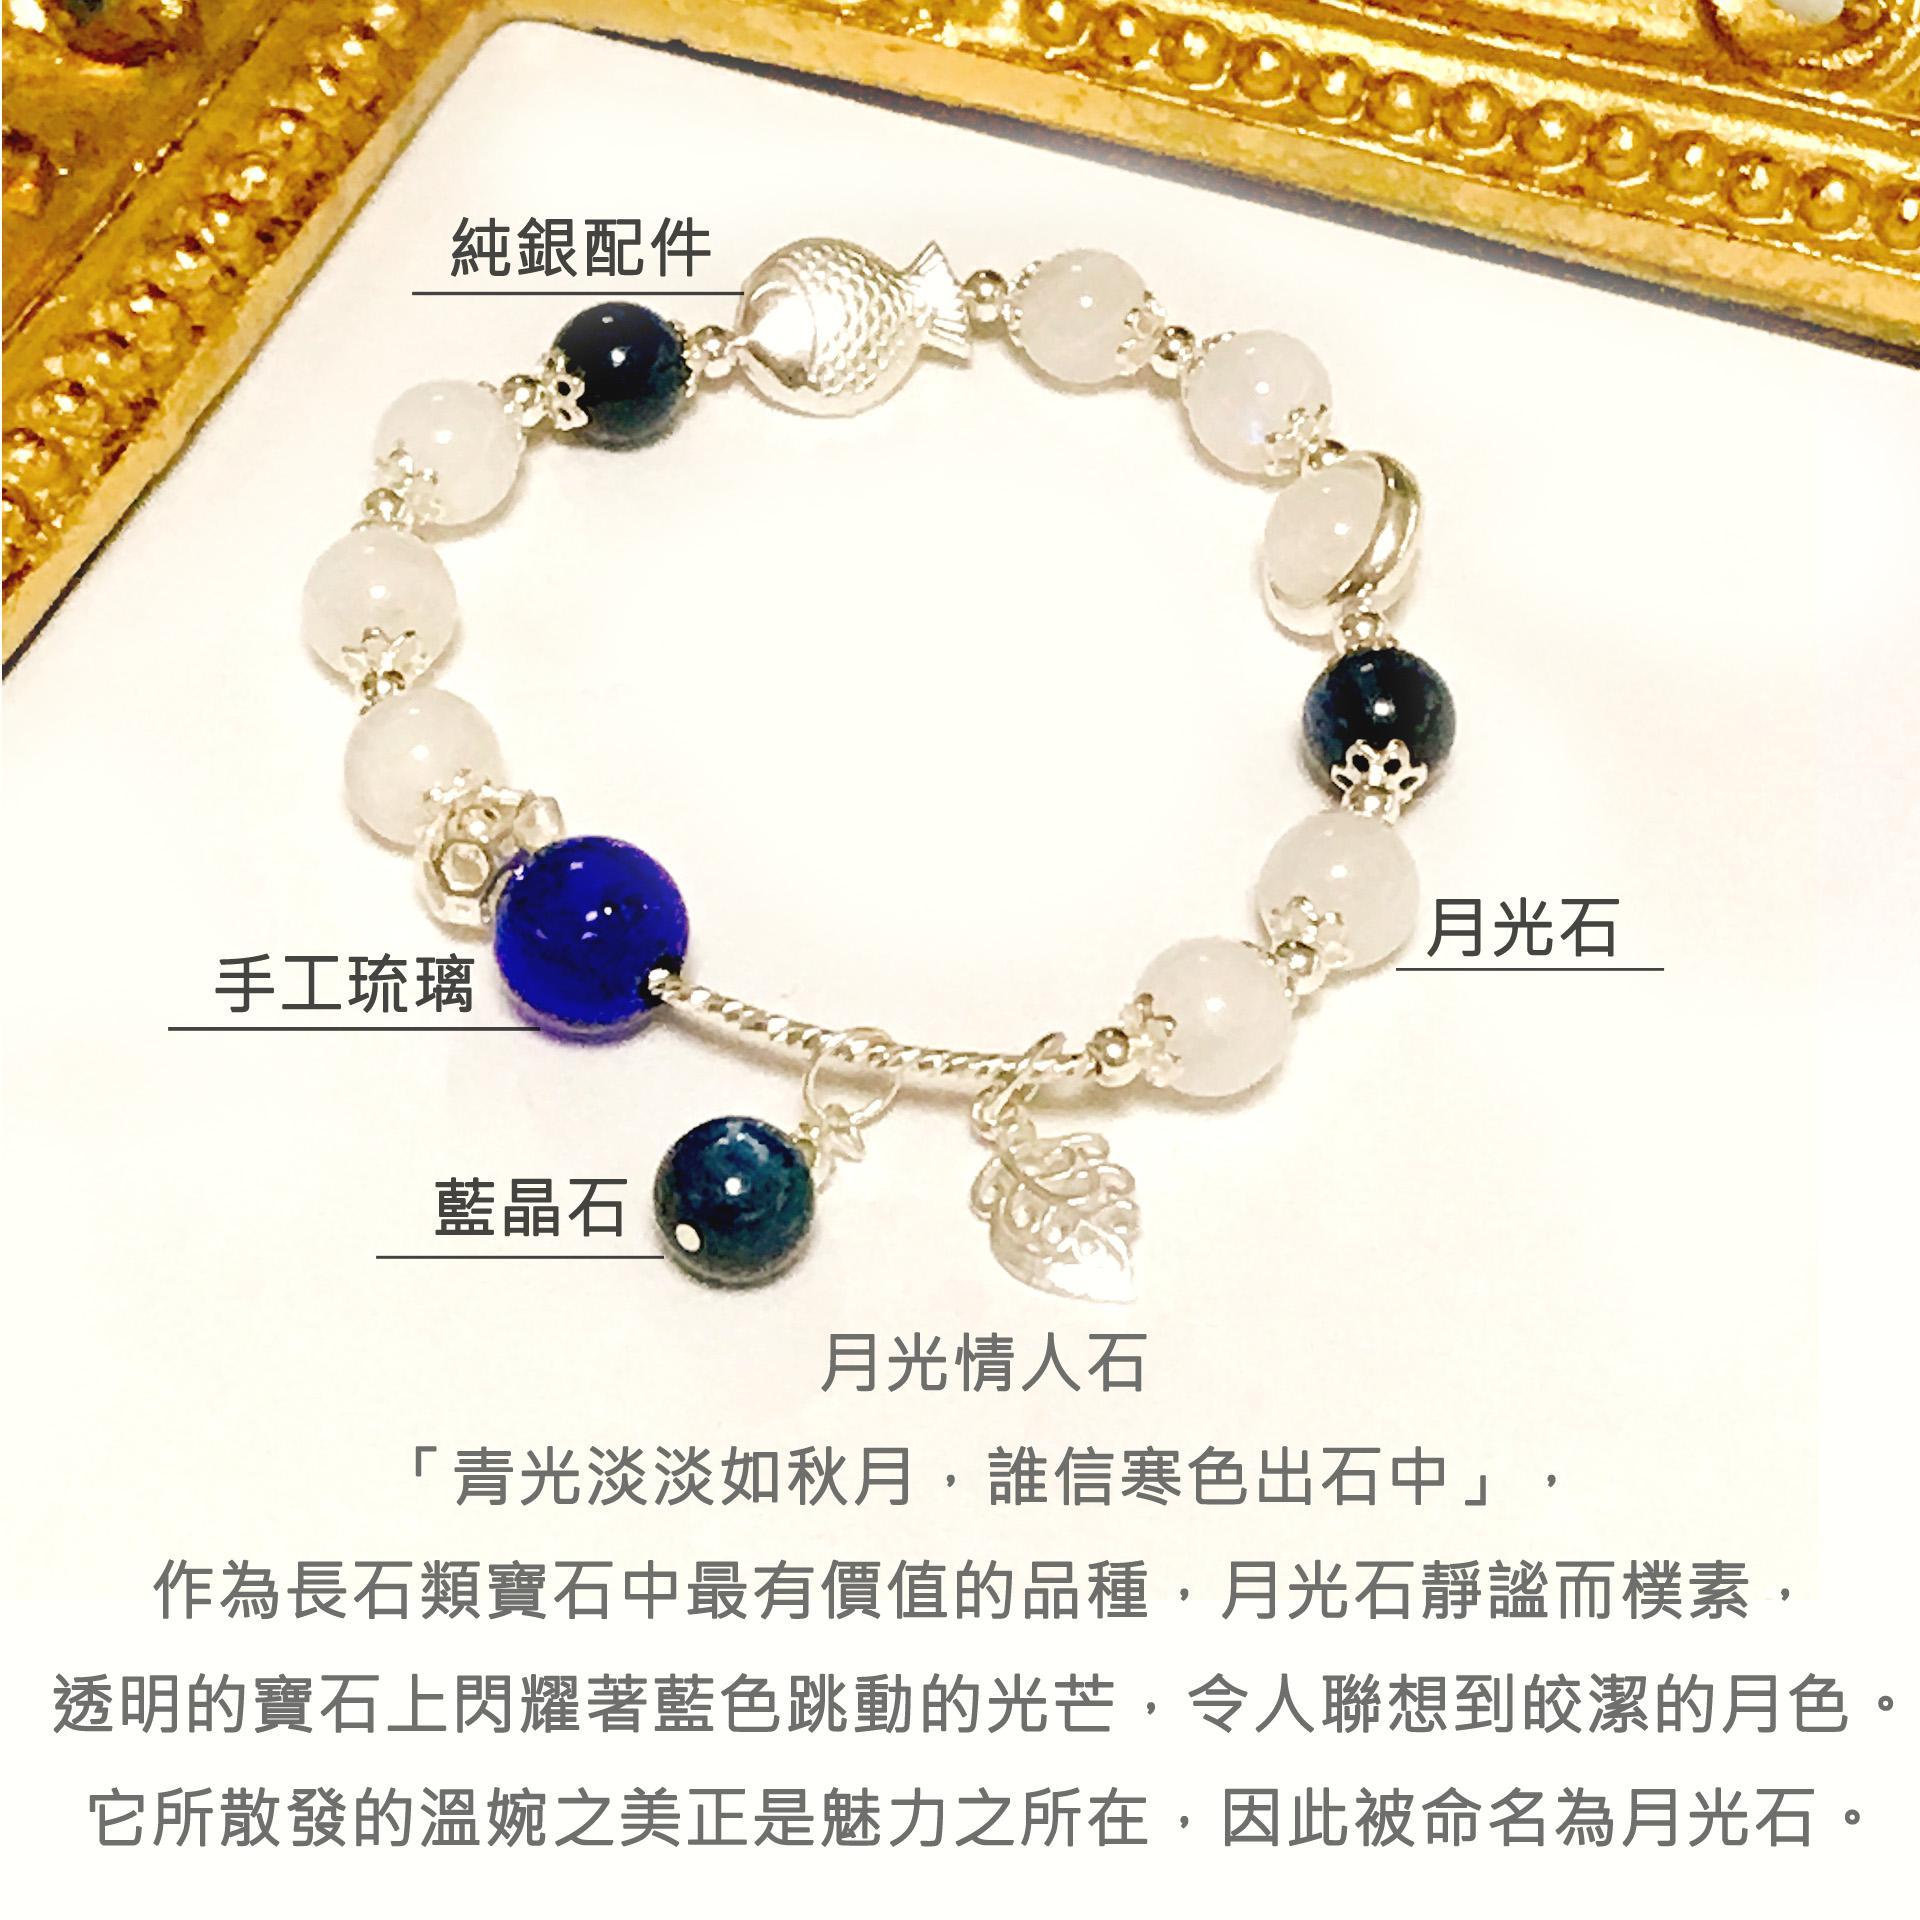 月光石+藍晶純銀雙圈精油手鍊/精油鍊/精油瓶/薰香瓶 1